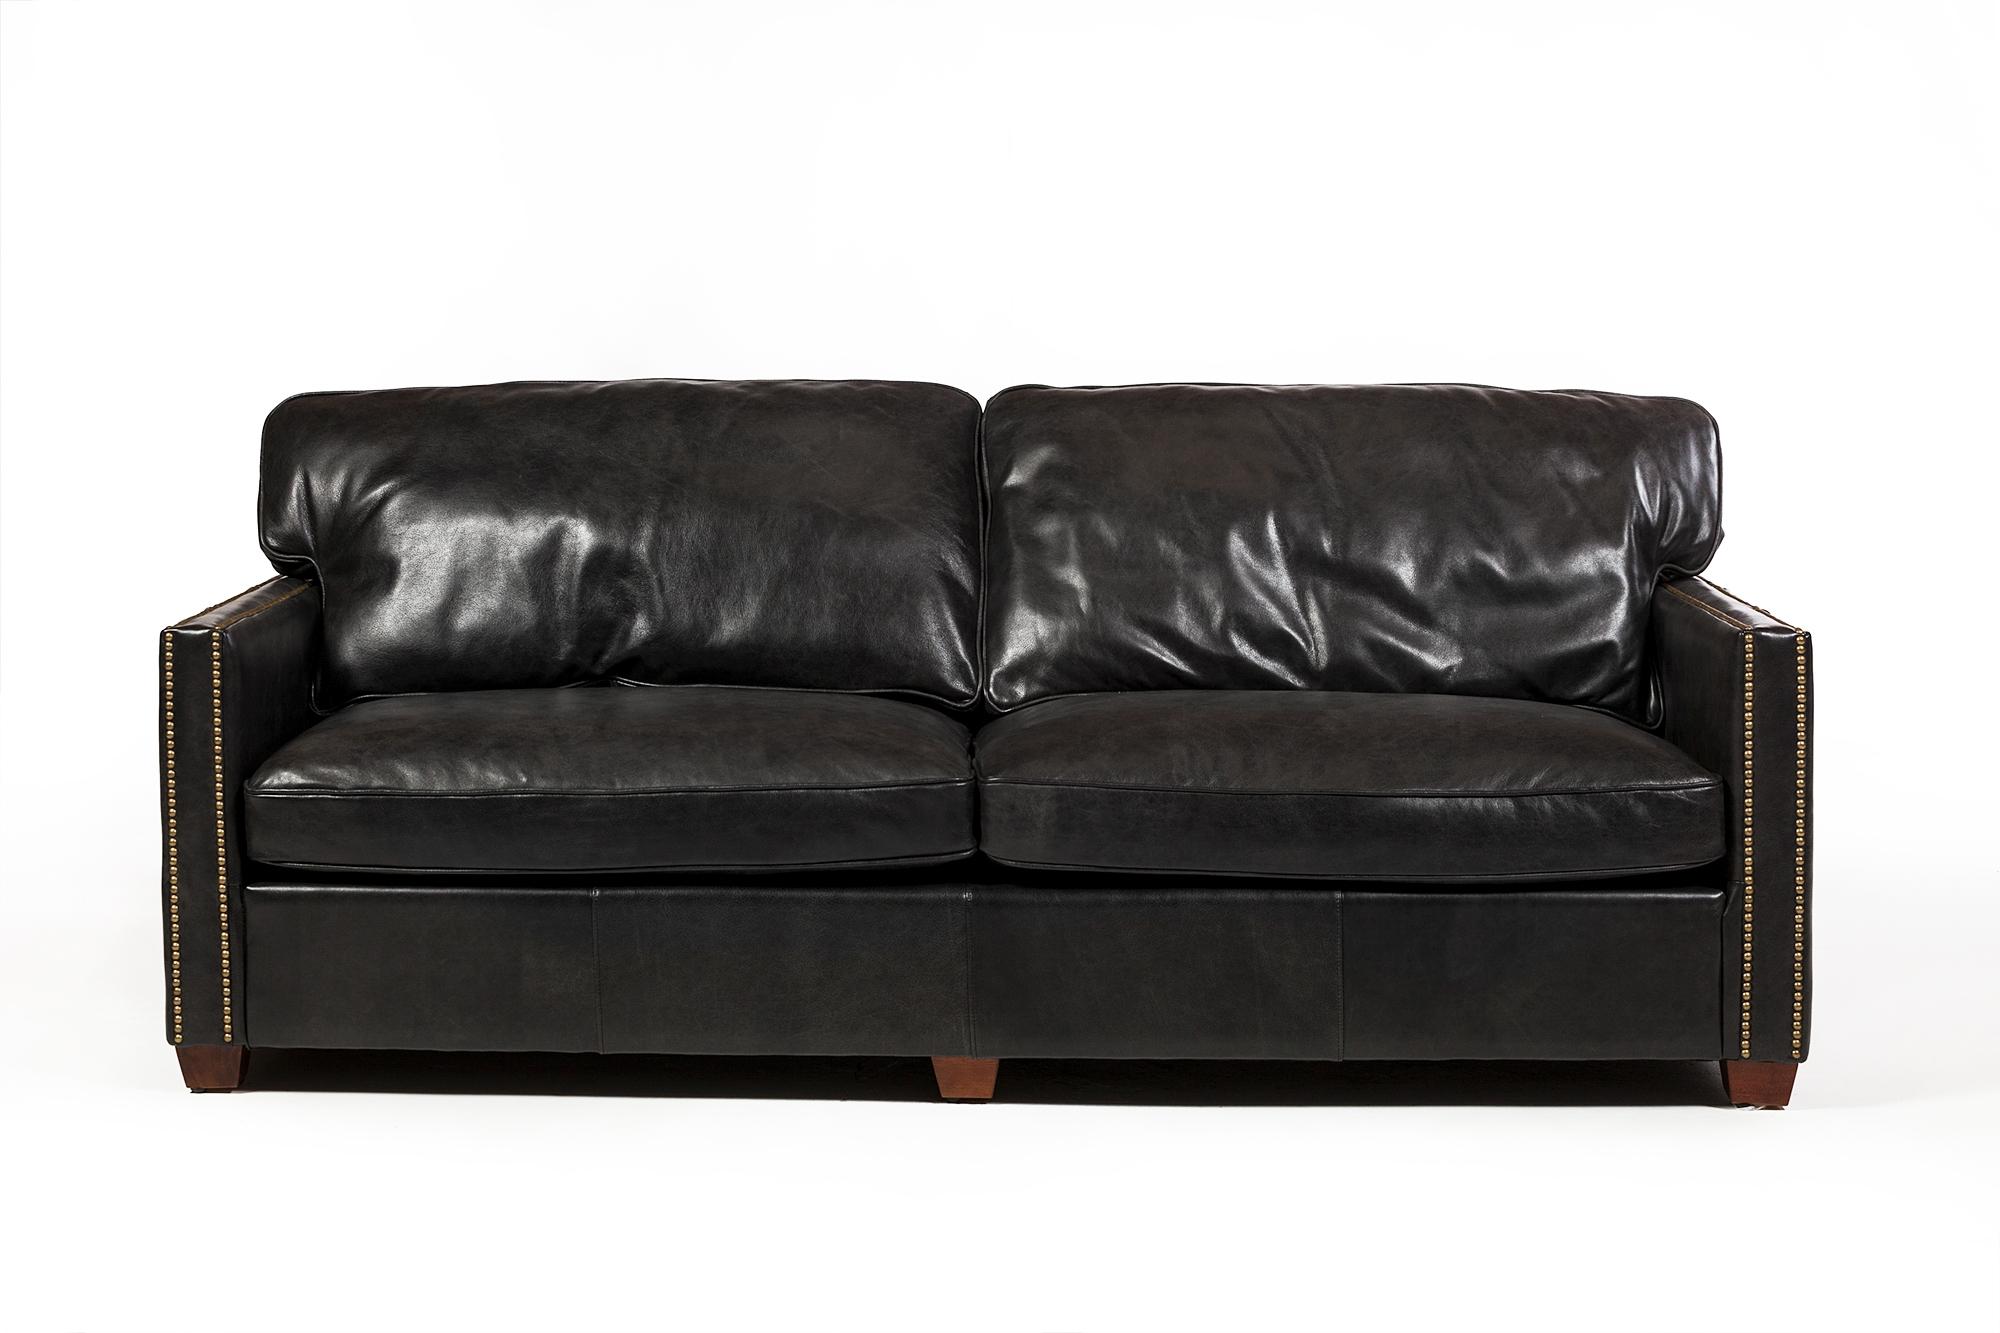 Marvelous Rifkin 83 Black Leather Sofa Short Links Chair Design For Home Short Linksinfo